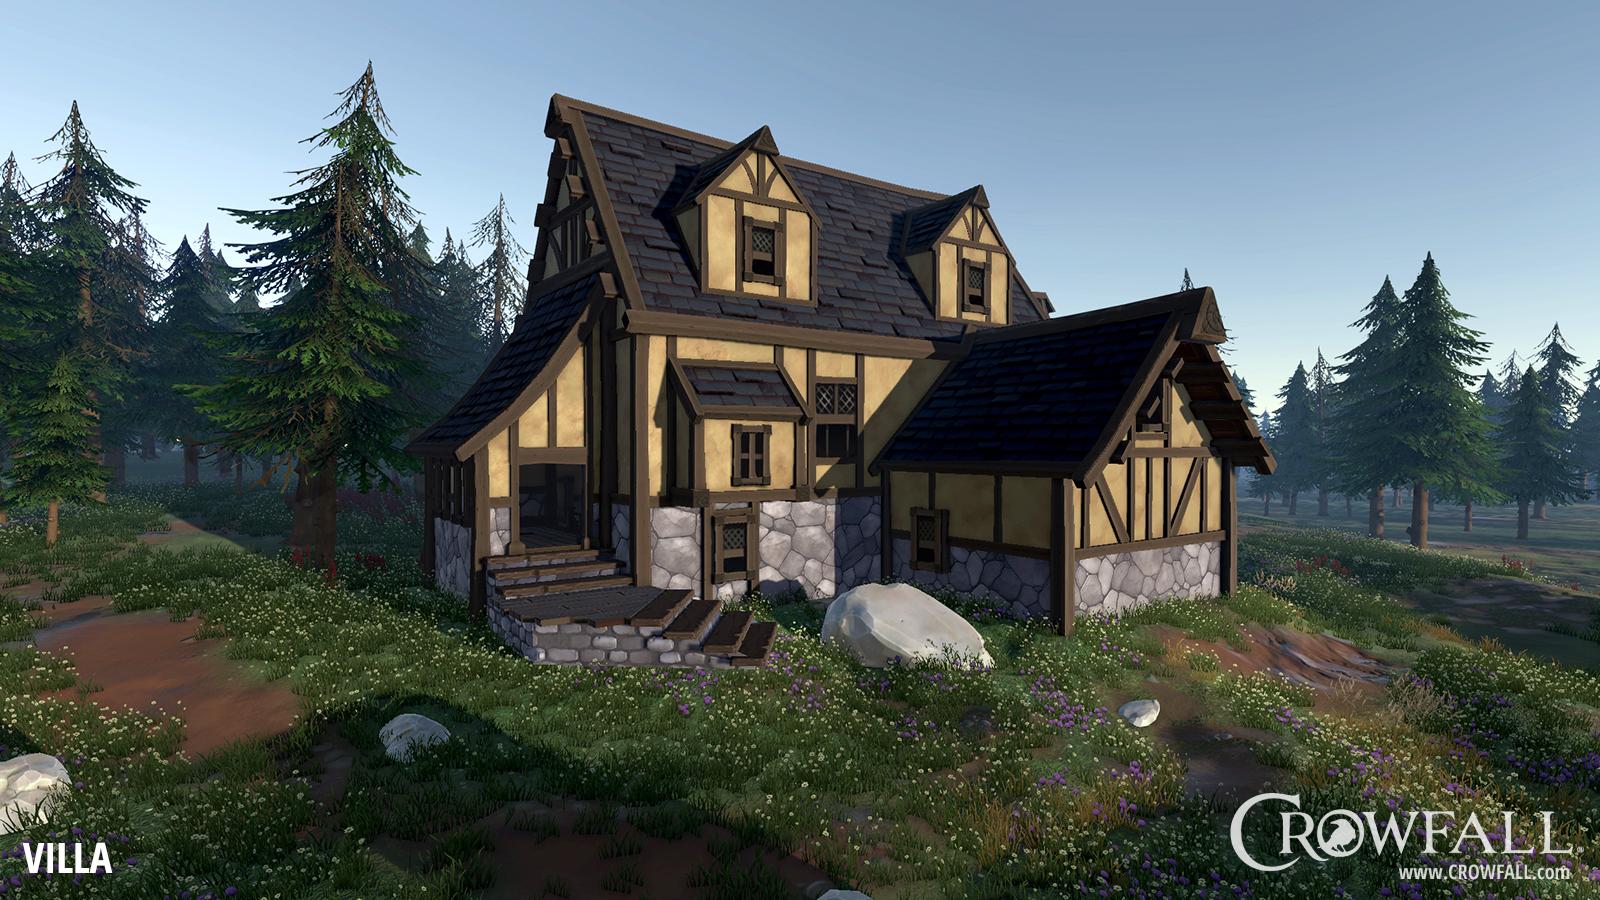 House_Villa_Watermarked